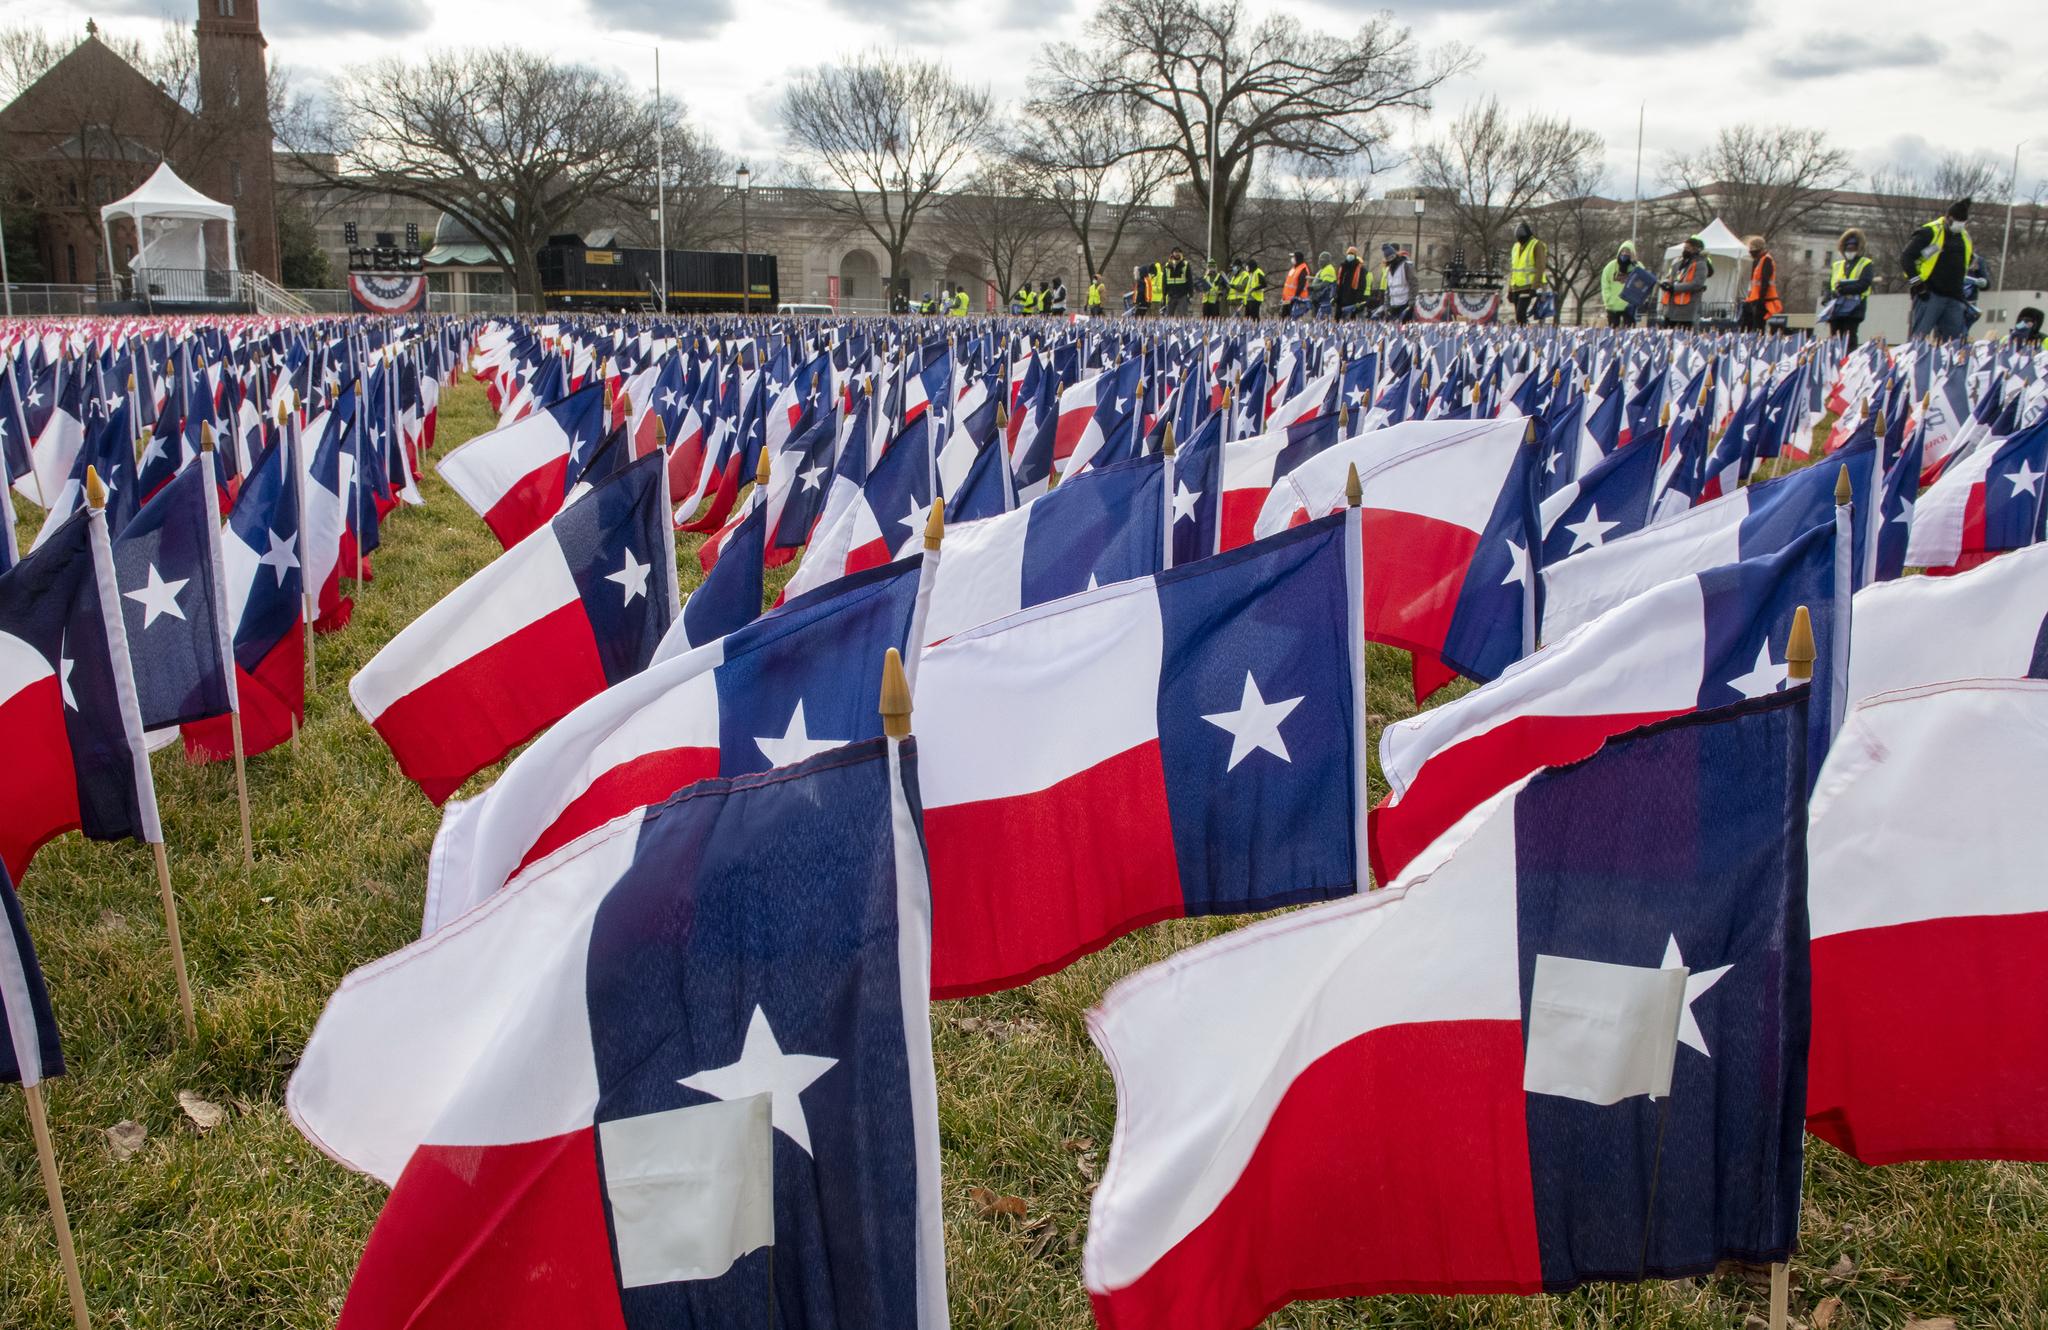 깃발의 들판(Field of Flags). 미국 대통령 취임식에 모이던 인파 대신 깃발이 펄럭인다. UPI=연합뉴스